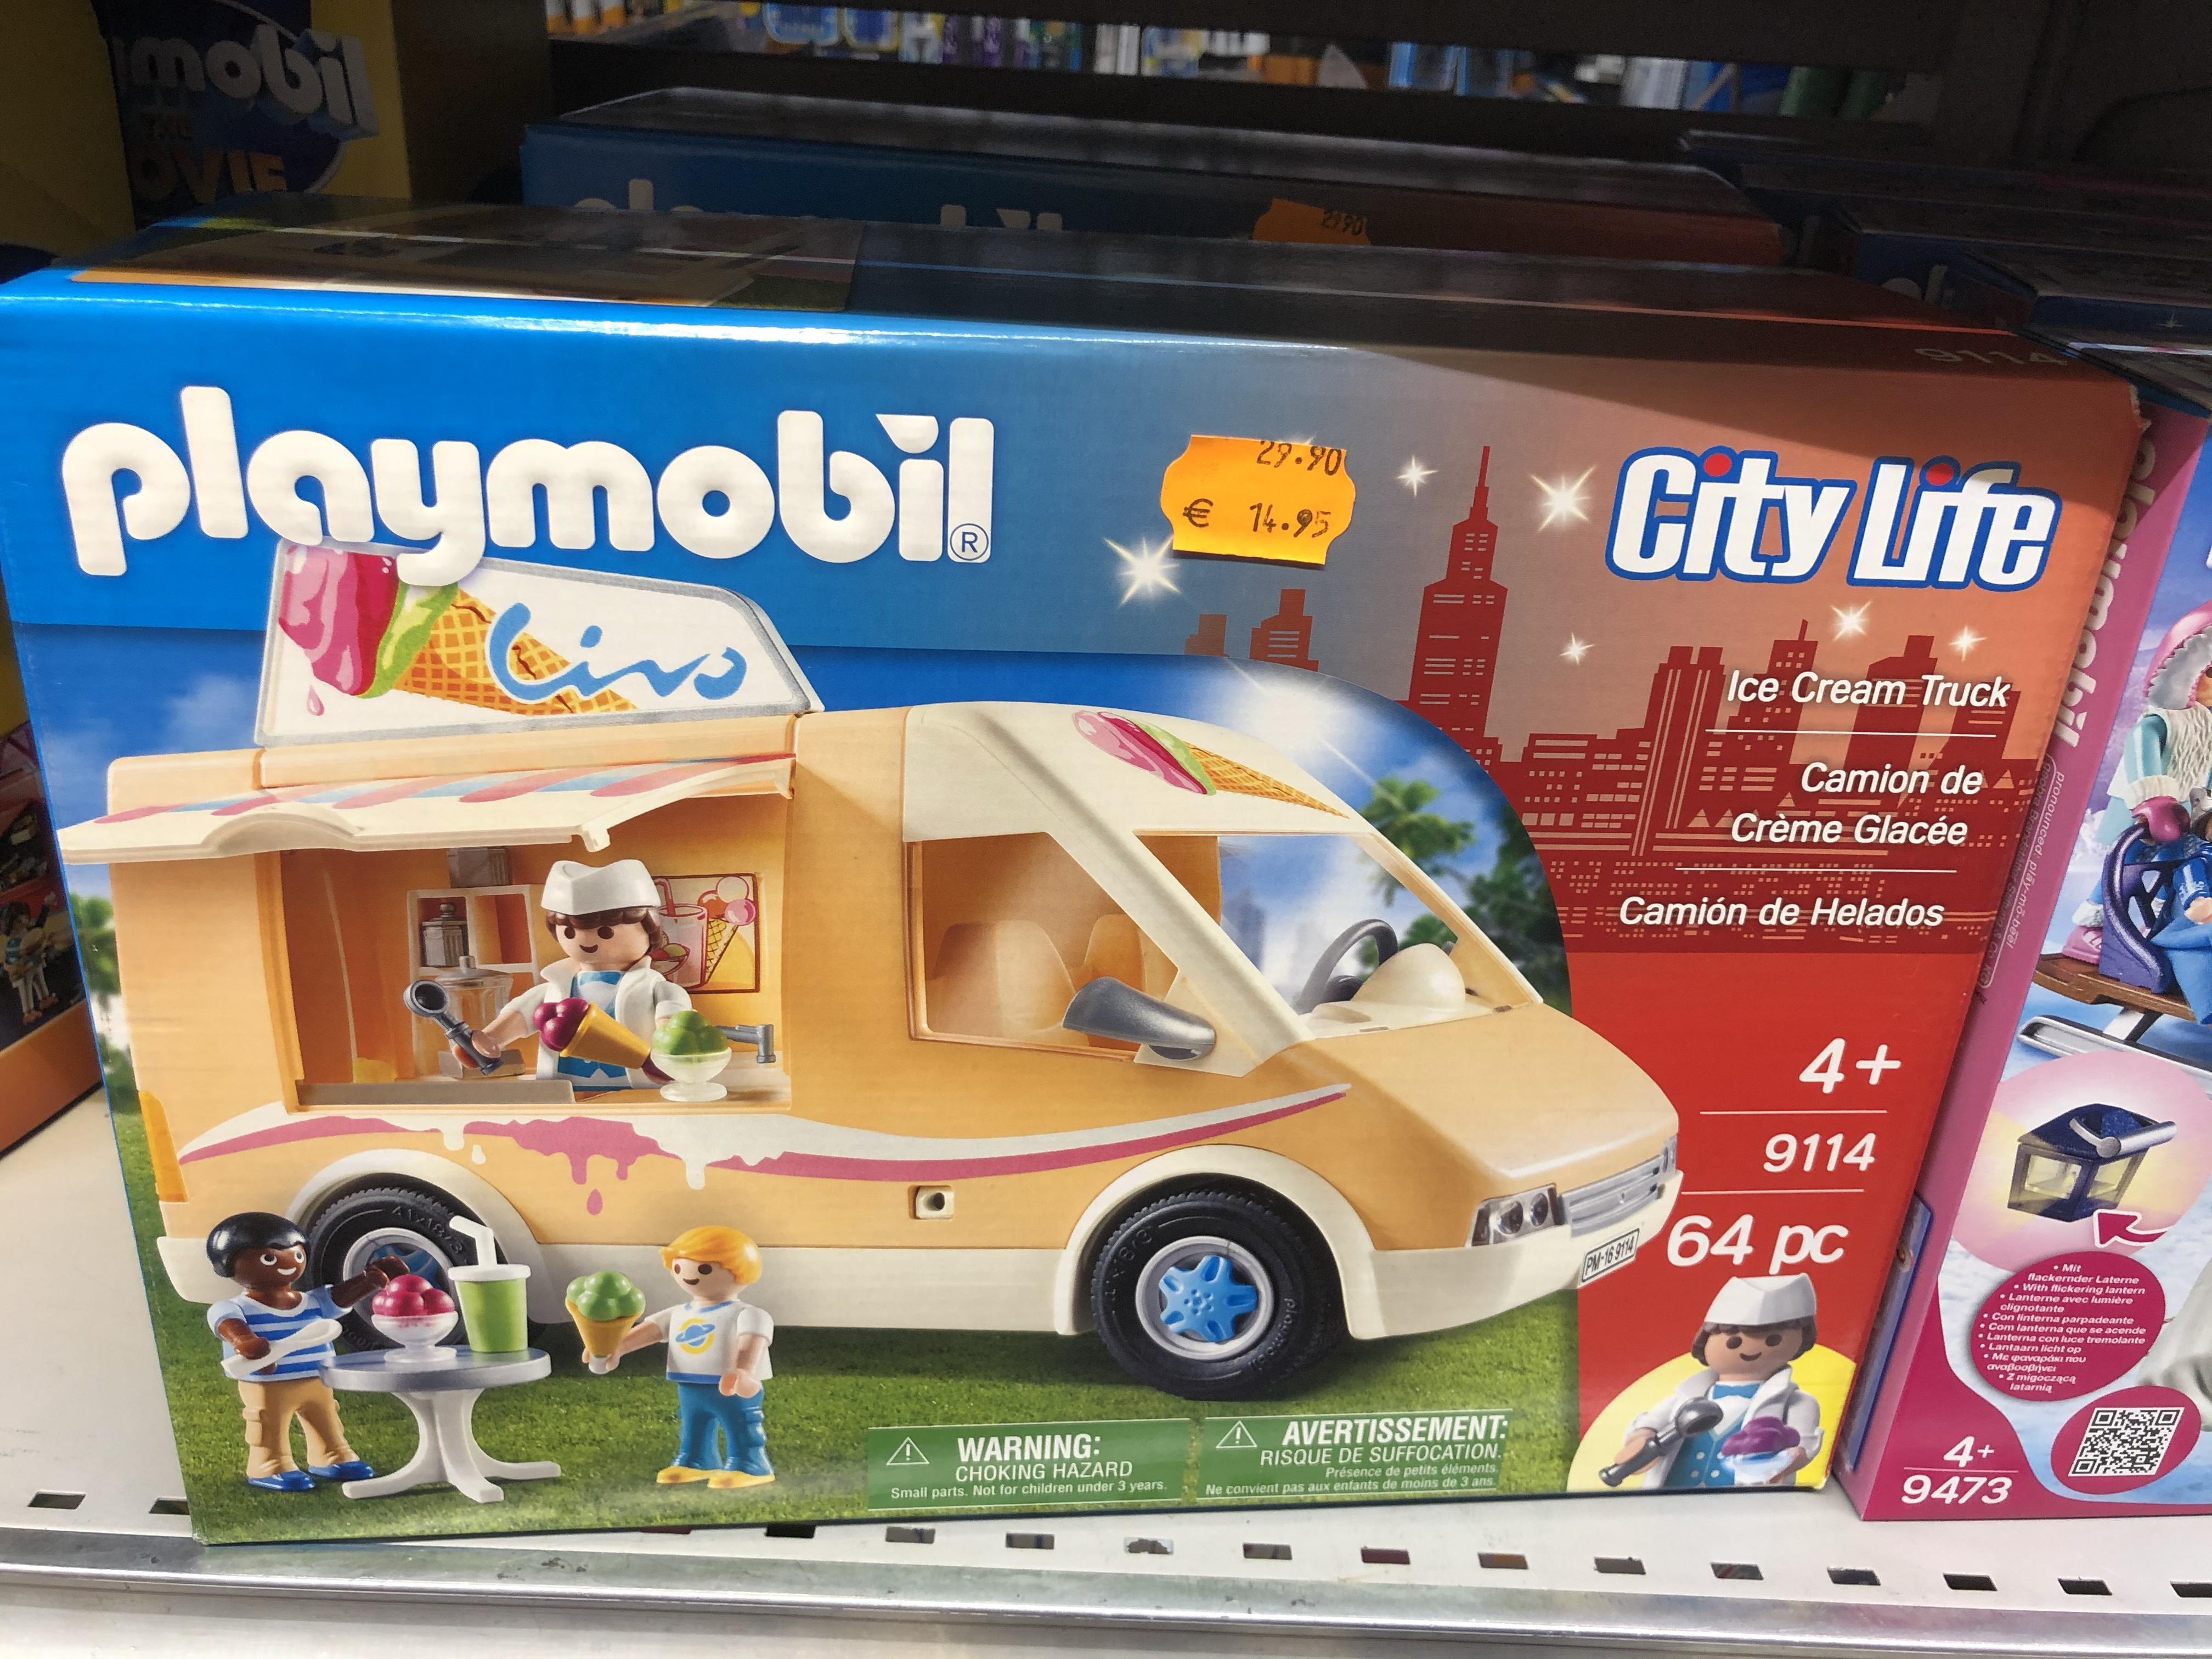 Sélection de jouets Playmobil en promotion - Ex : Jeu de construction Camion de crème glacée Playmobil City Life (9114) - Villejuif (94)